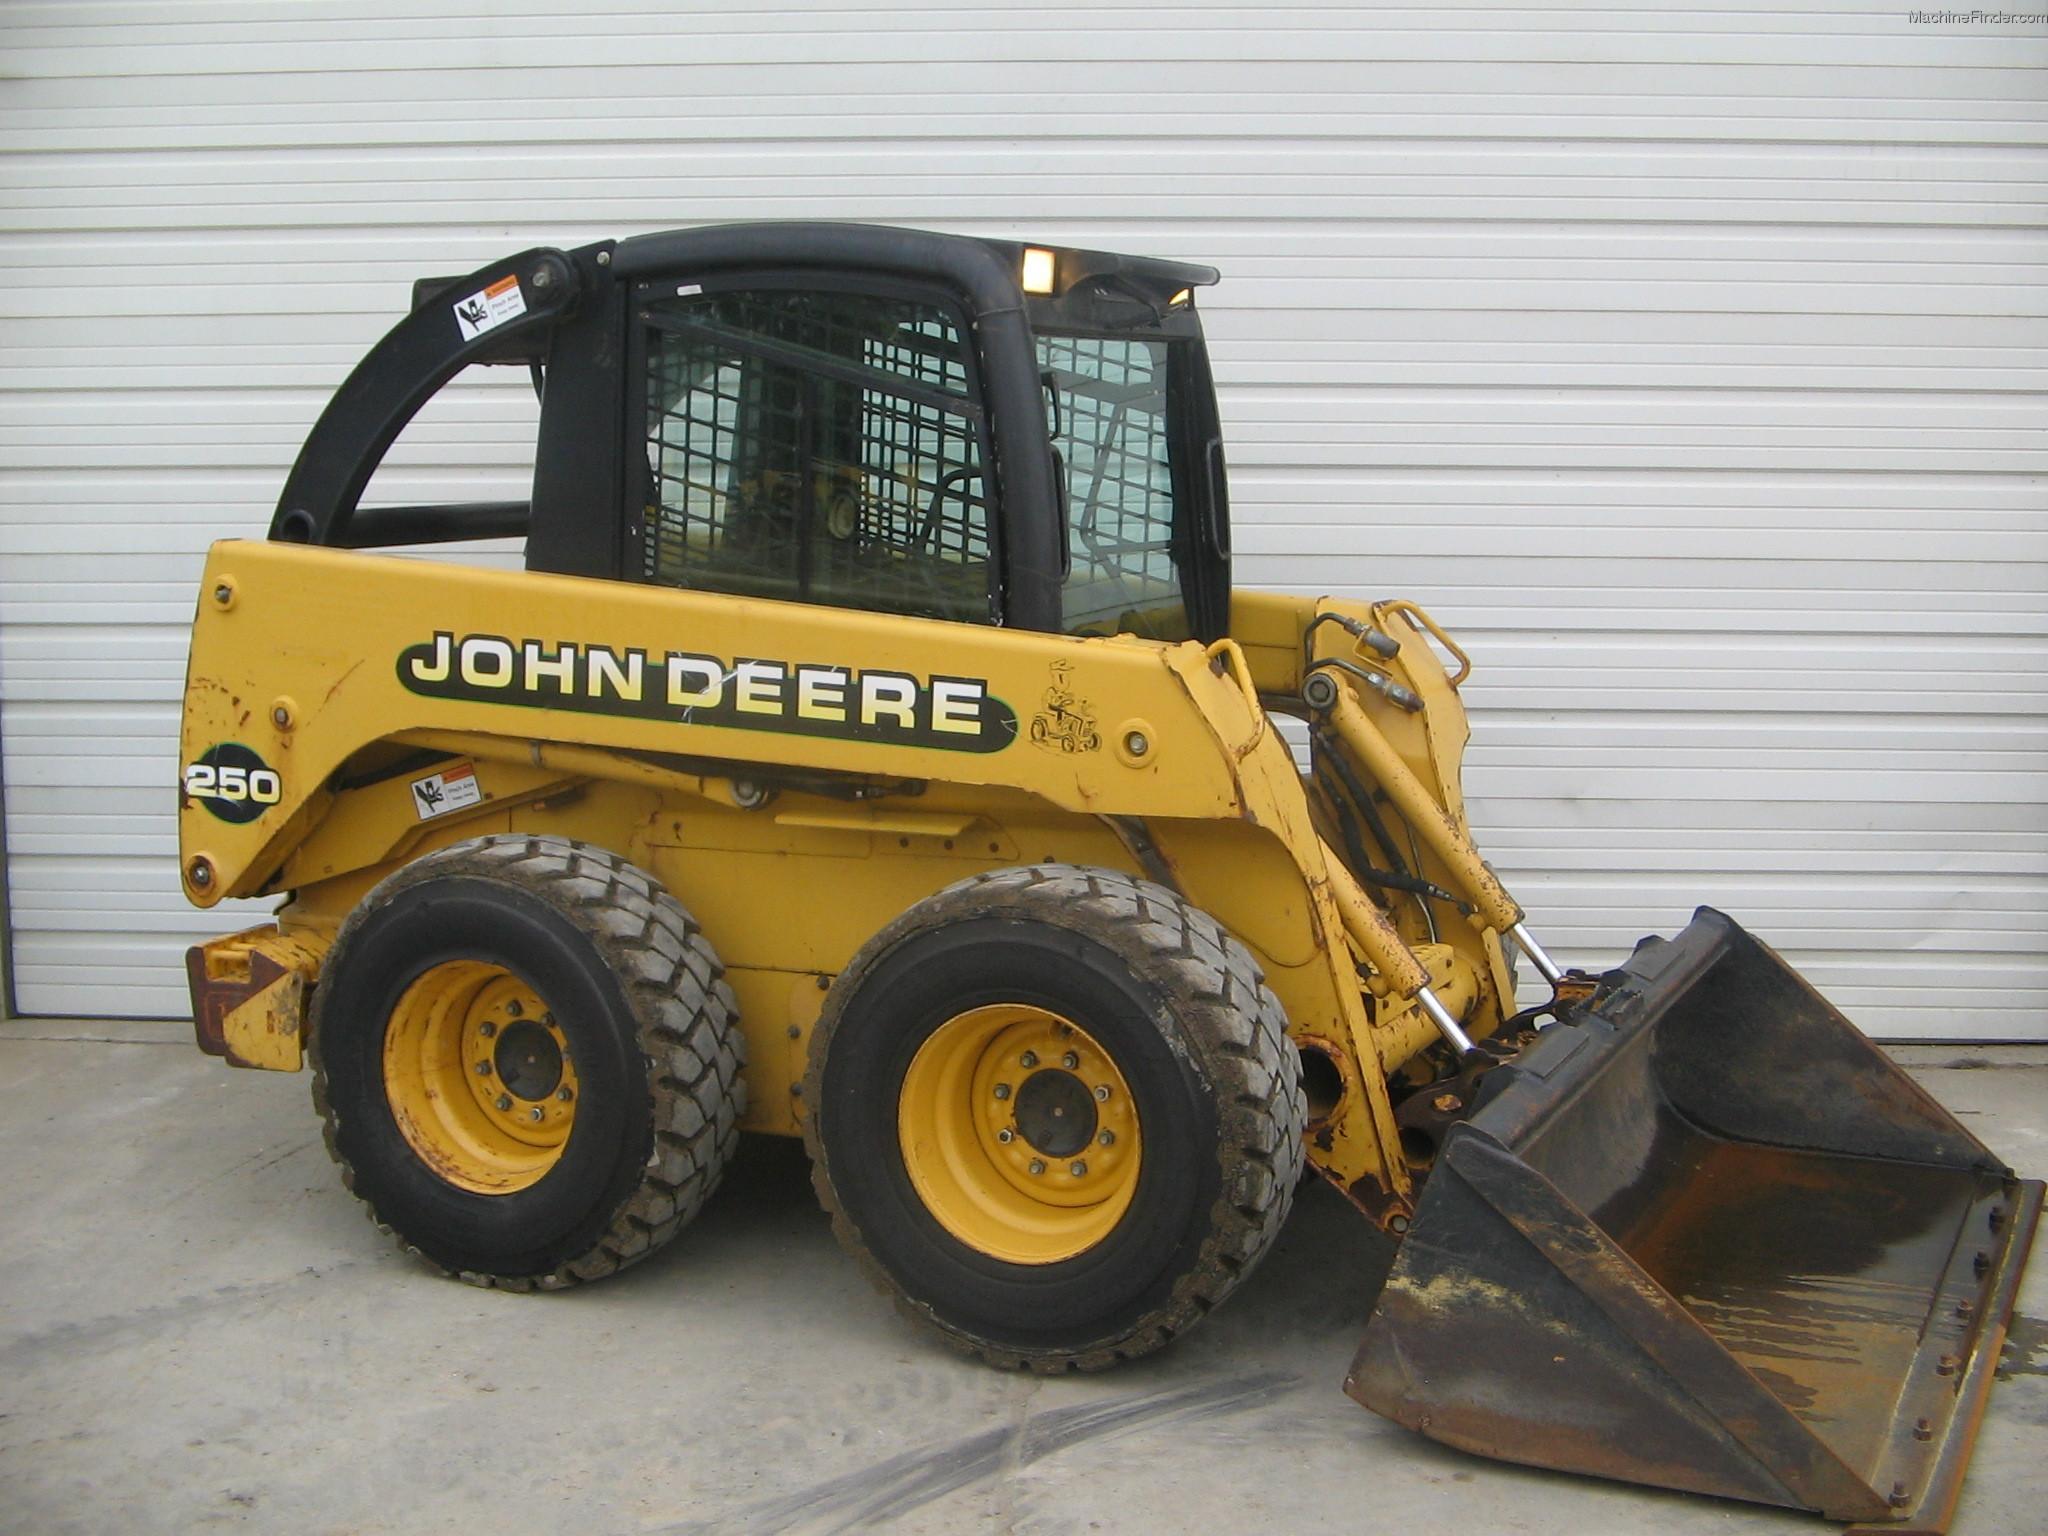 1999 John Deere 250 Skid Steer Loaders - John Deere MachineFinder